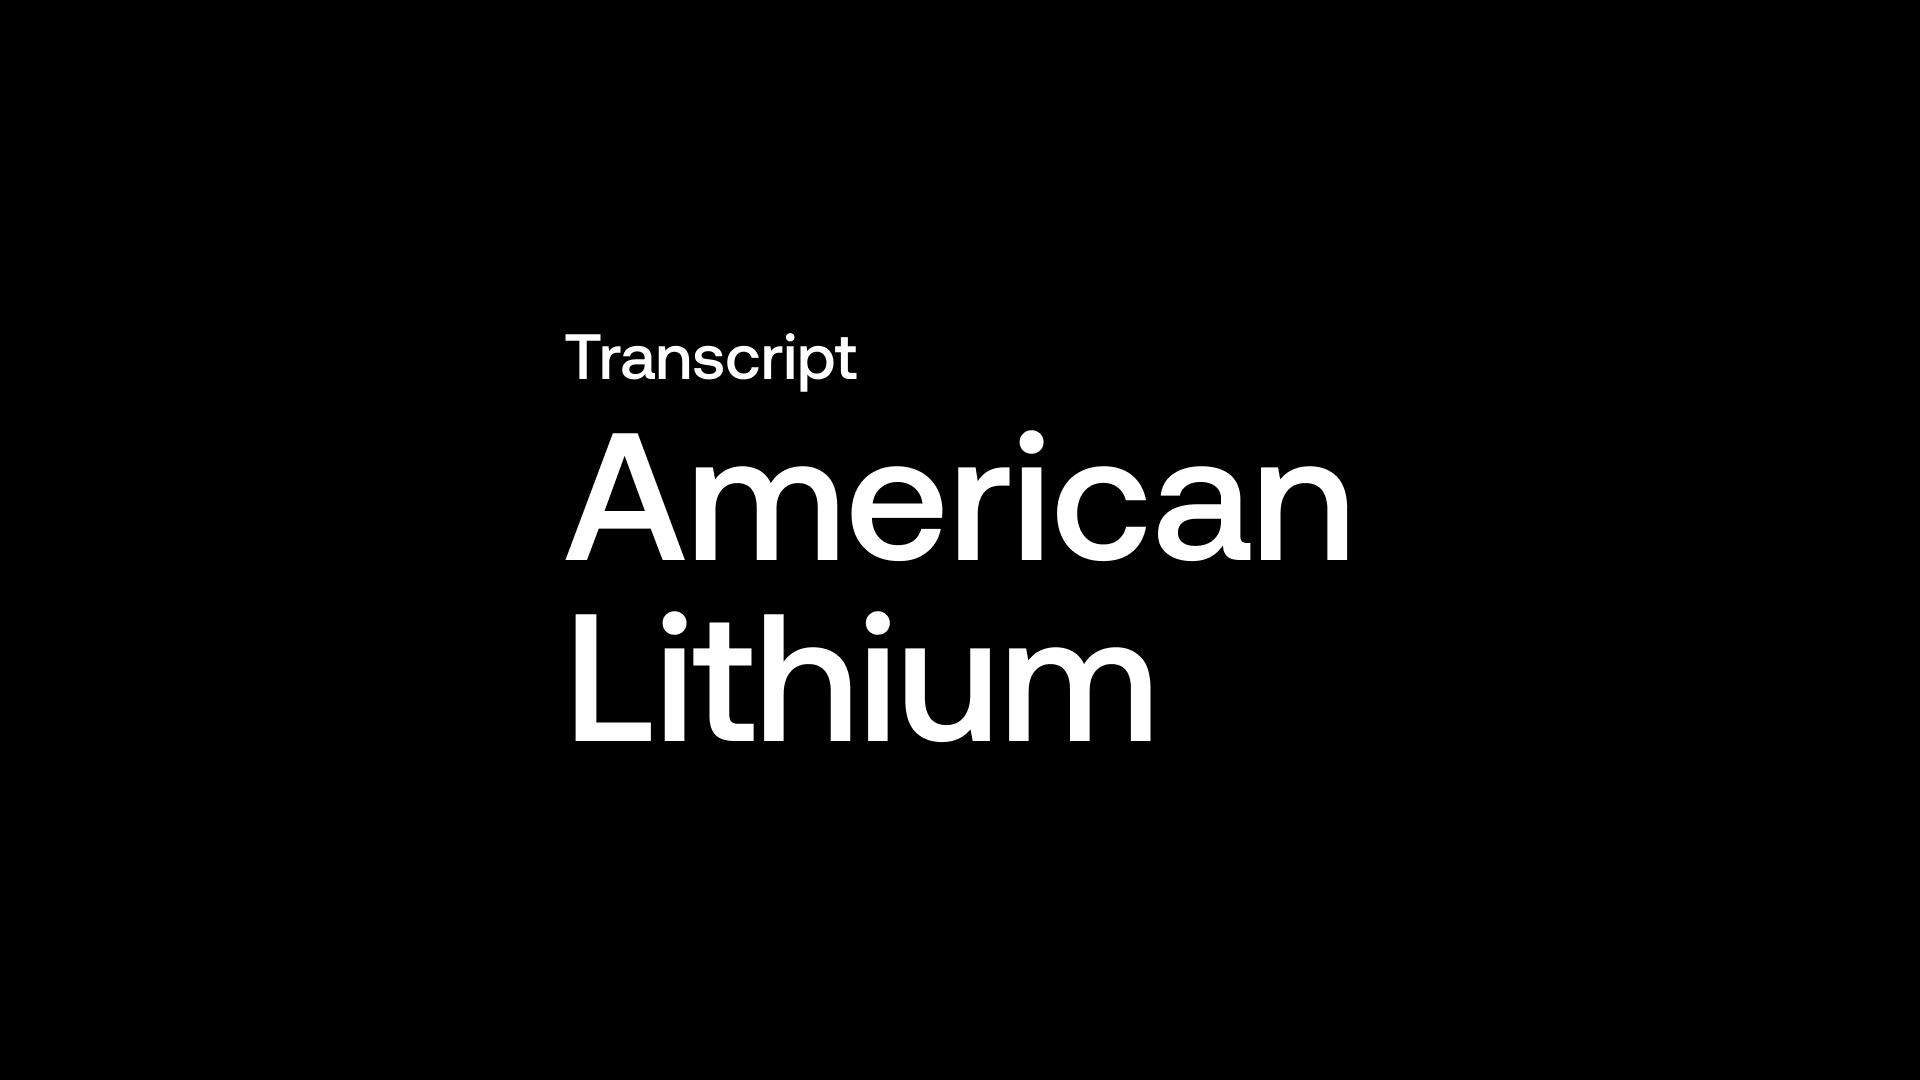 Transcript: American Lithium (LI) - Uranium Bonus & FS Focus for Lithium